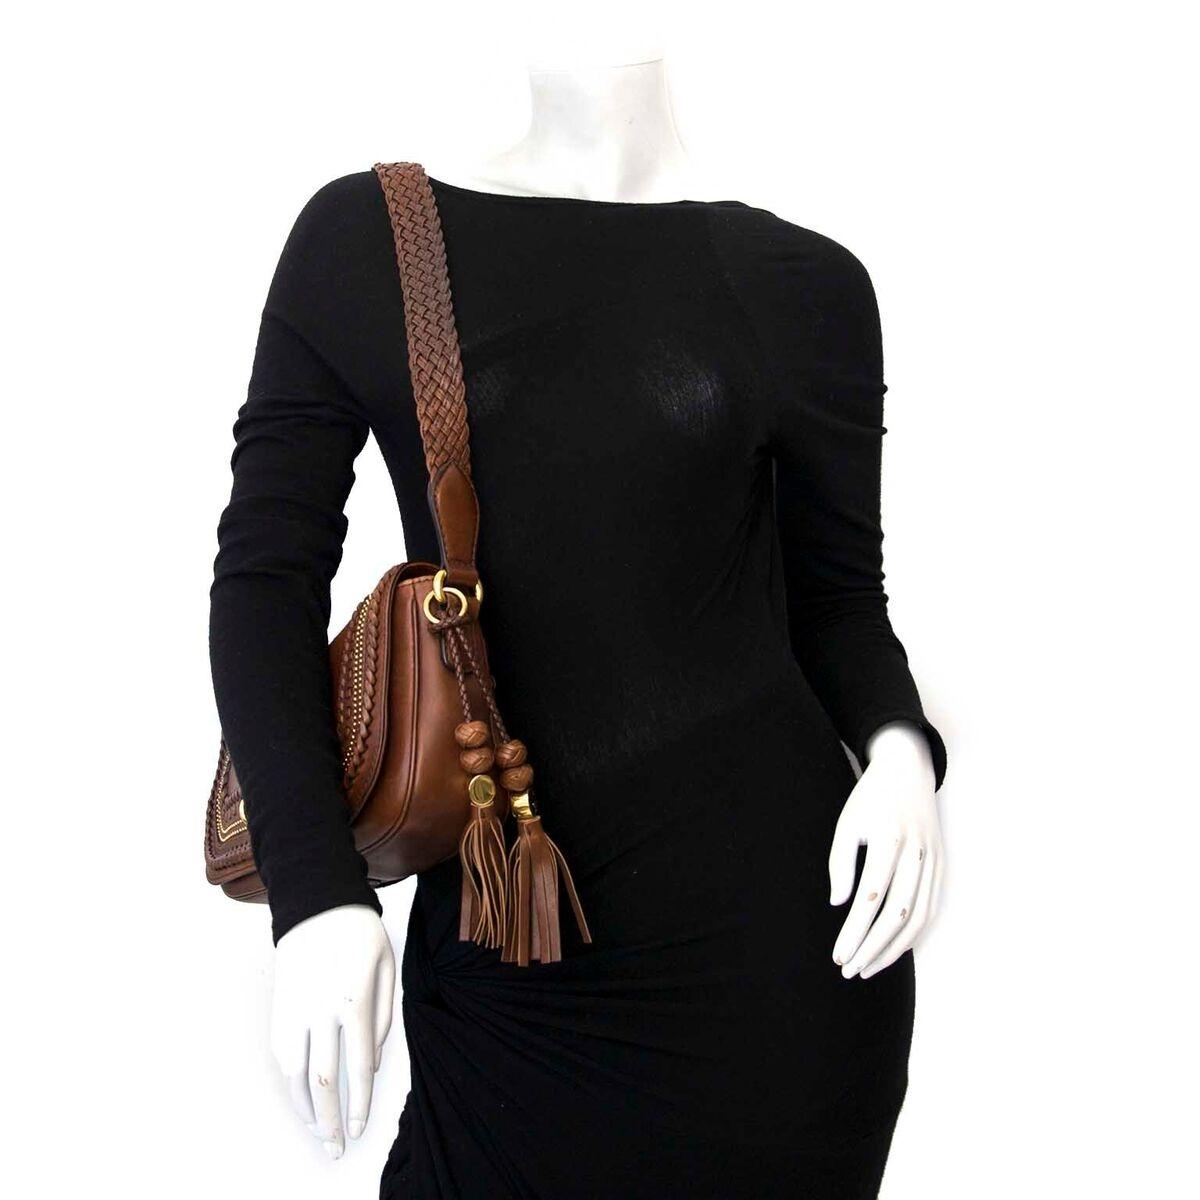 Koop authentieke tweedehands Gucci brown braided handtas aan een eerlijke prijs bij LabelLOV. Veilig online shoppen.